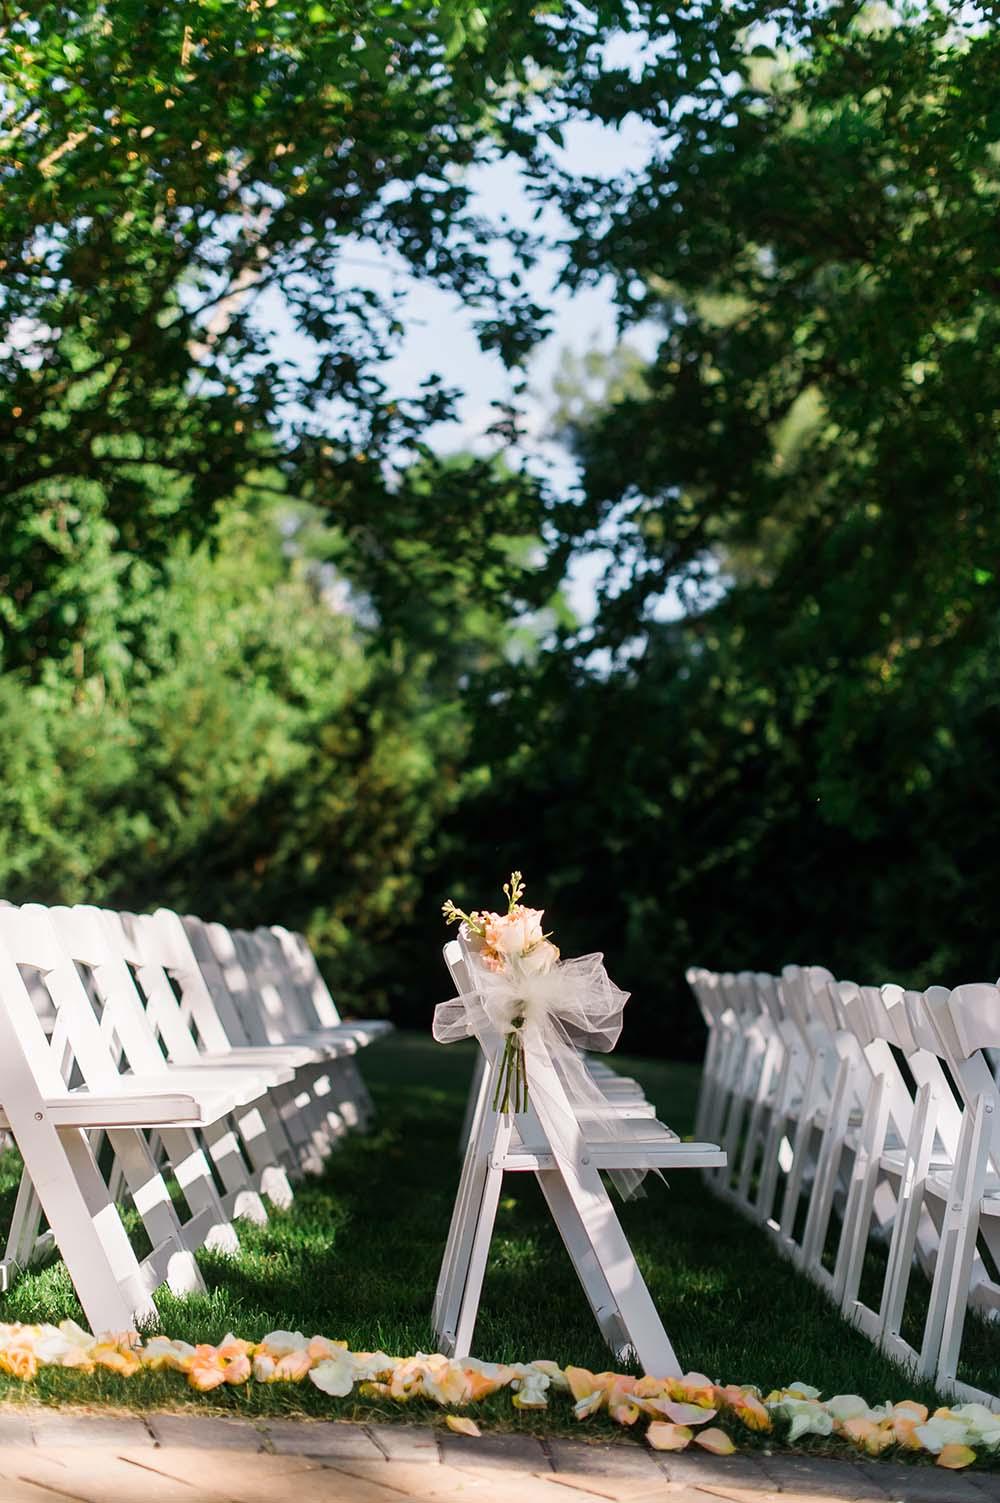 farmington-gardens-wedding-greg-lewis-photography-15